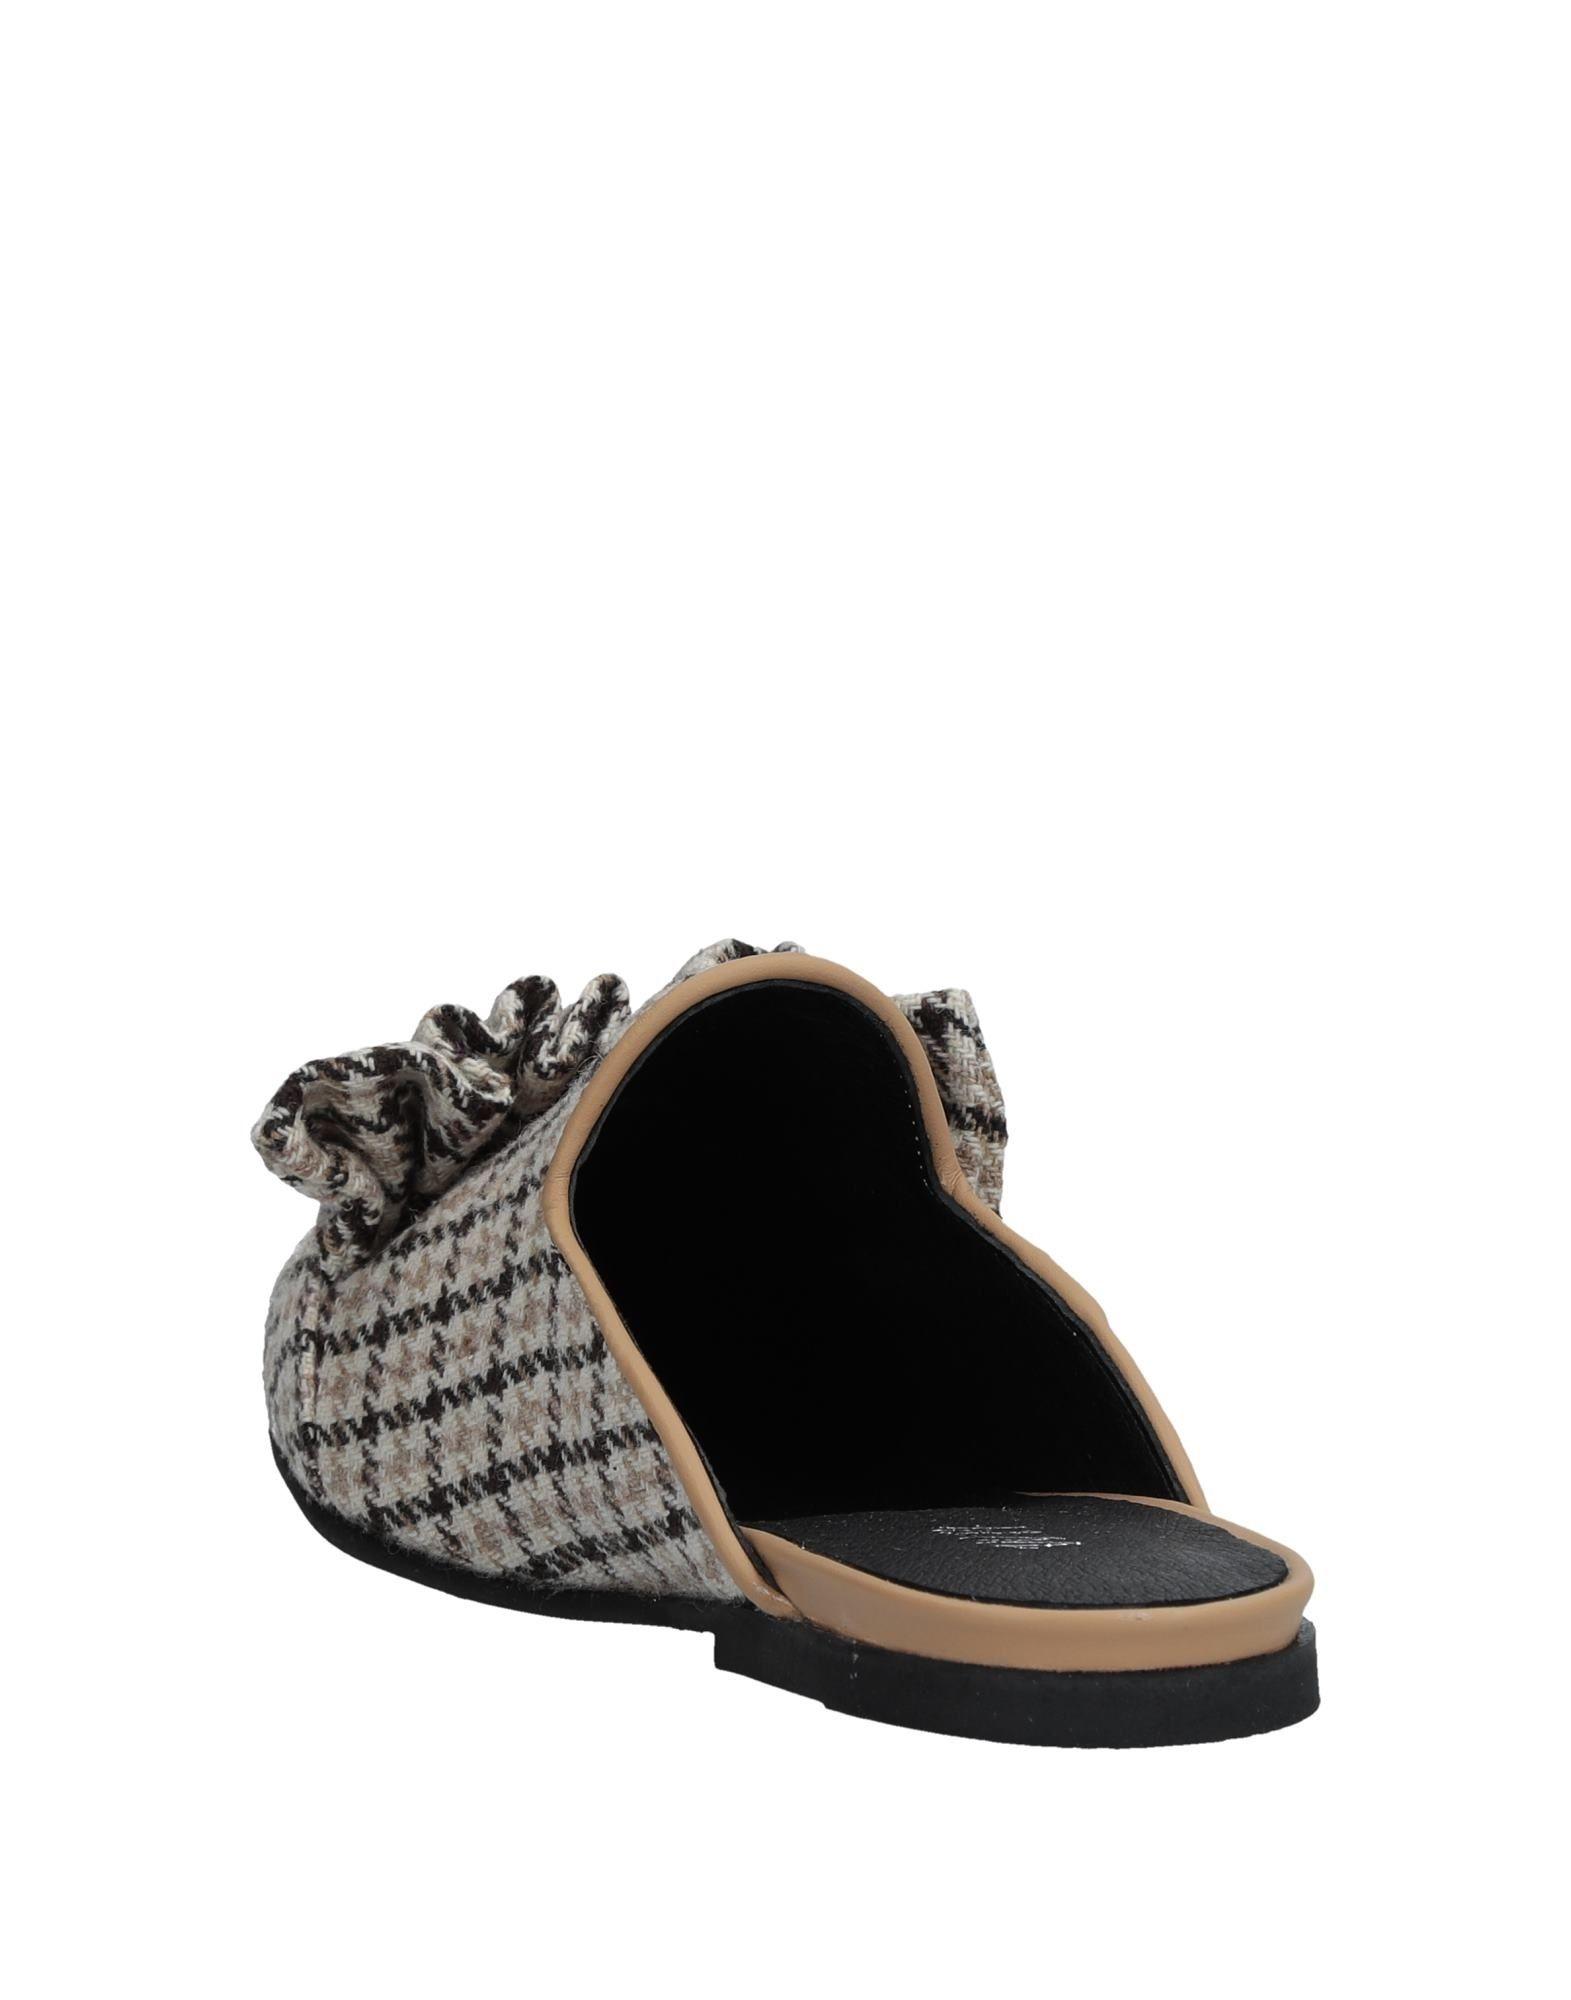 Stilvolle billige Schuhe Via Vela 11543659PK 14 Pantoletten Damen  11543659PK Vela 459c6c